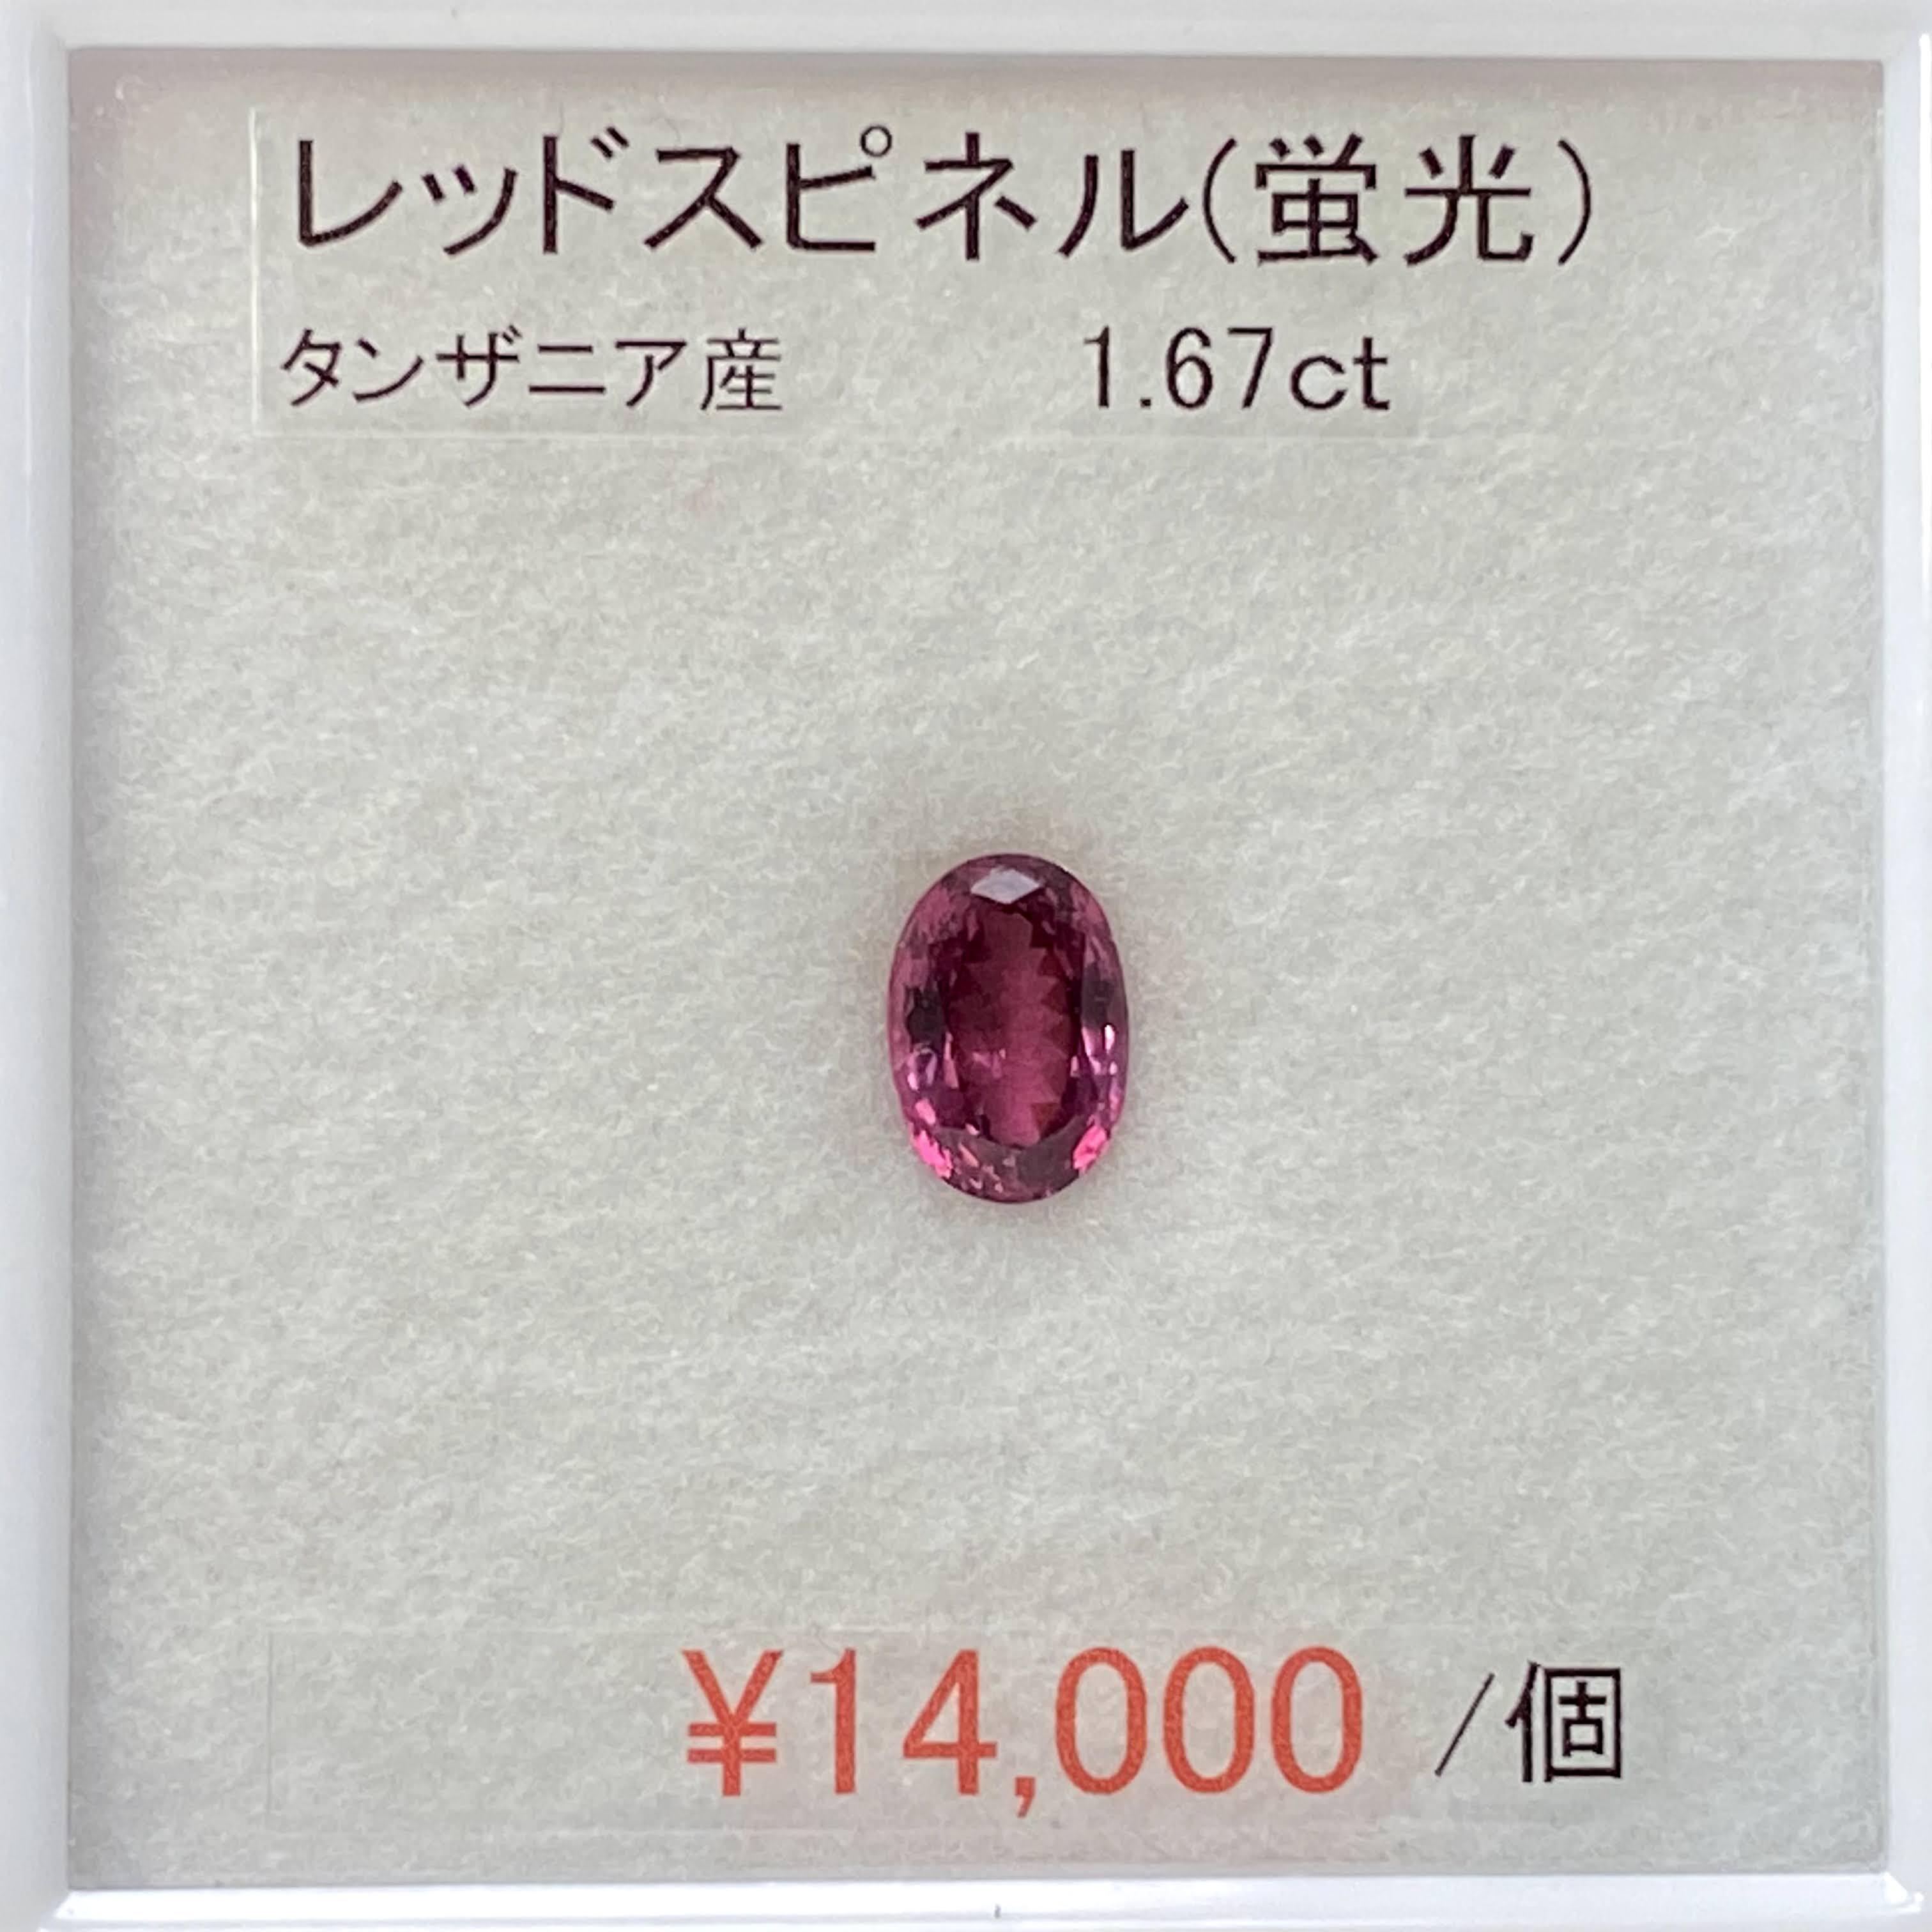 ⁂天然⁂ ◇レッドスピネル◇ 1.67ct  タンザニア産